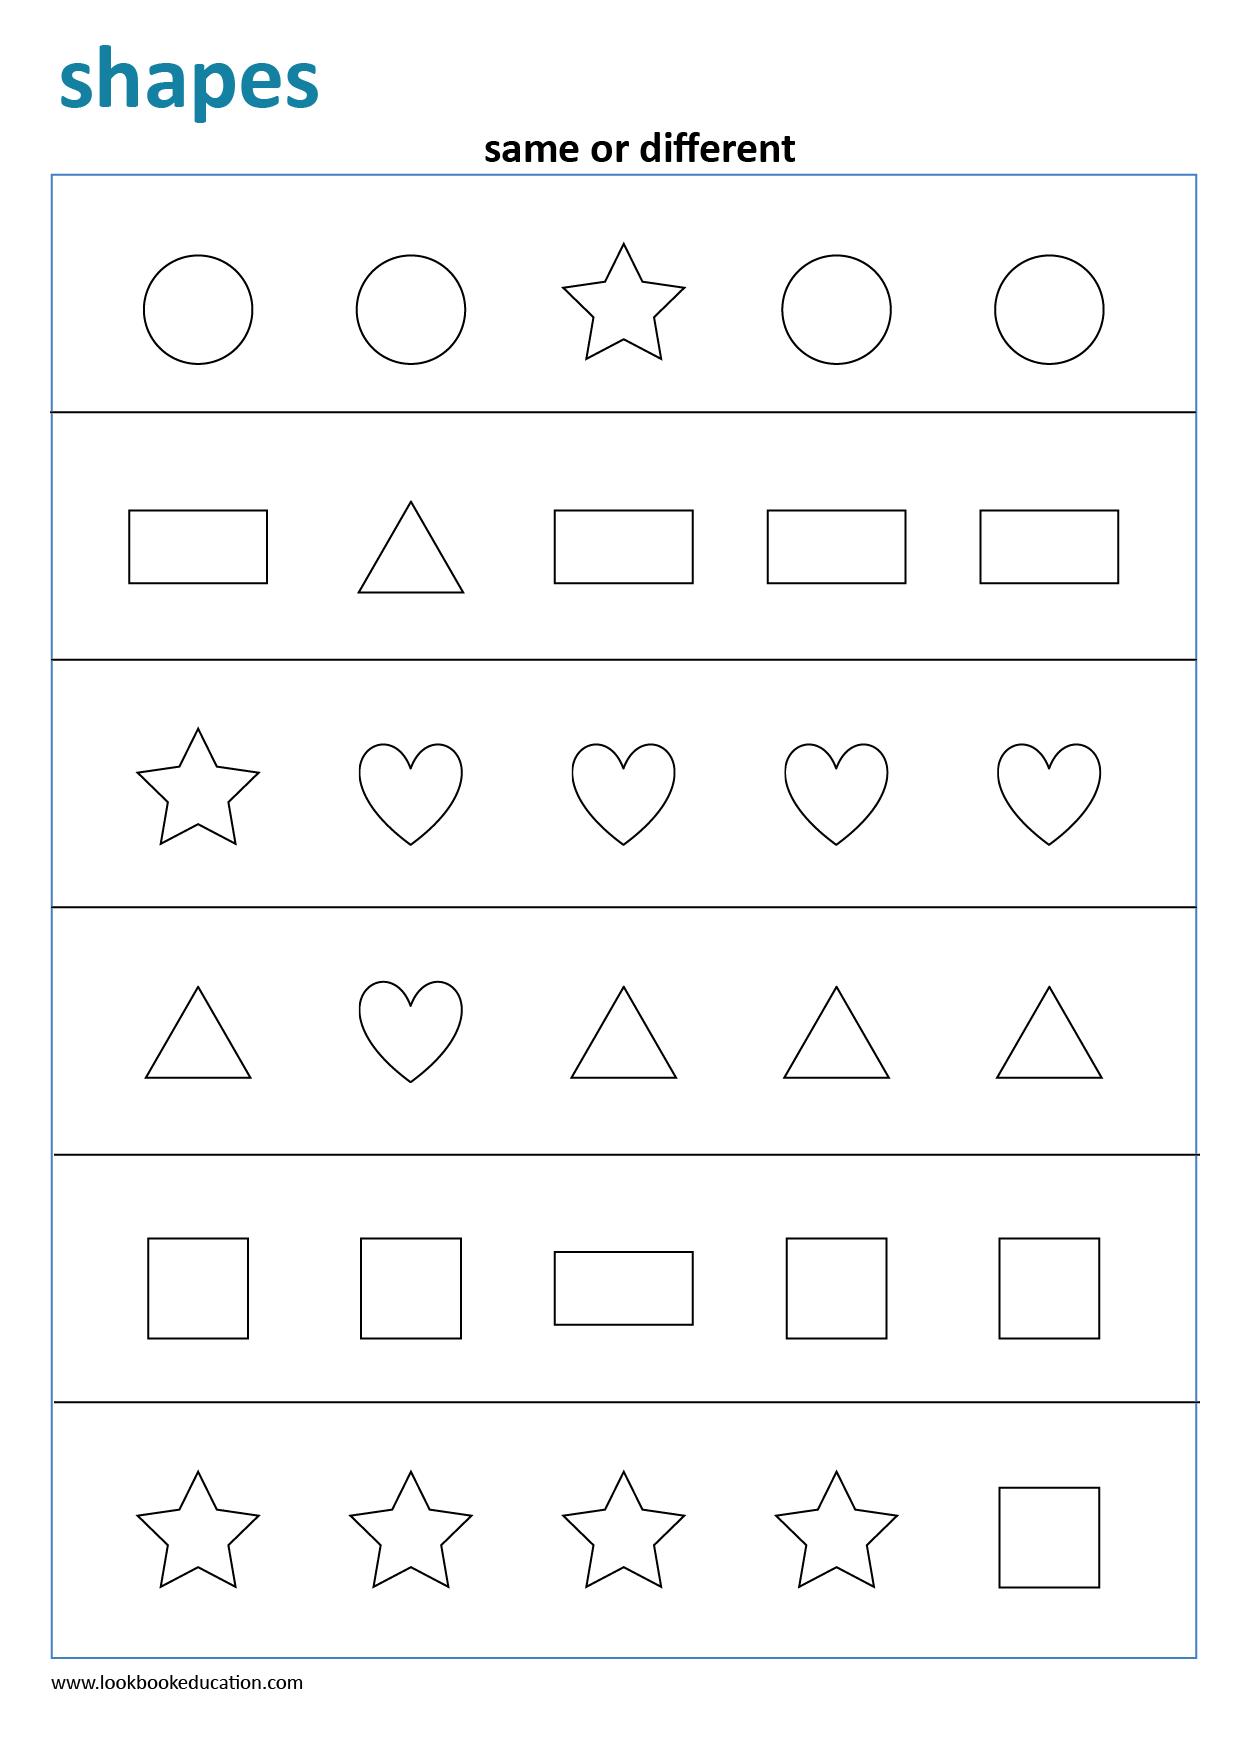 Same Or Different Shapes Worksheet